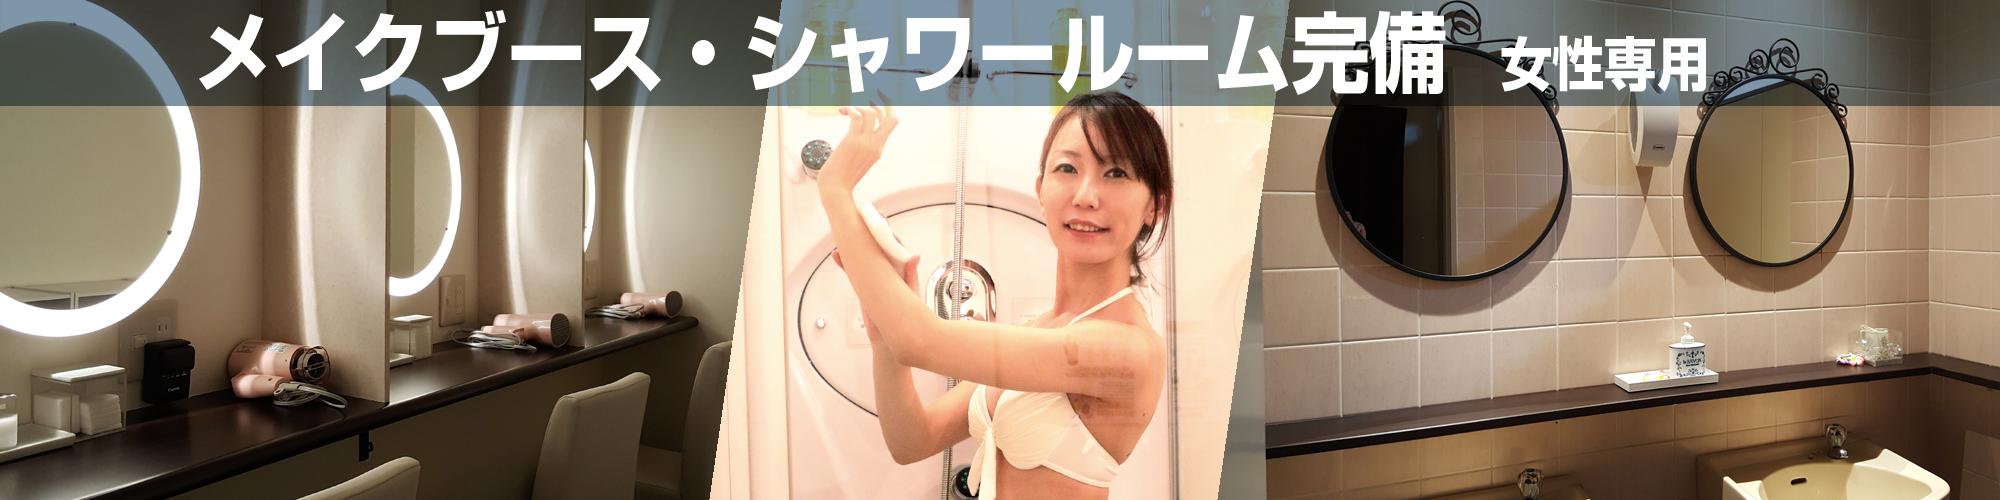 メイクブース・シャワールーム完備のリラコラオーツー新宿店